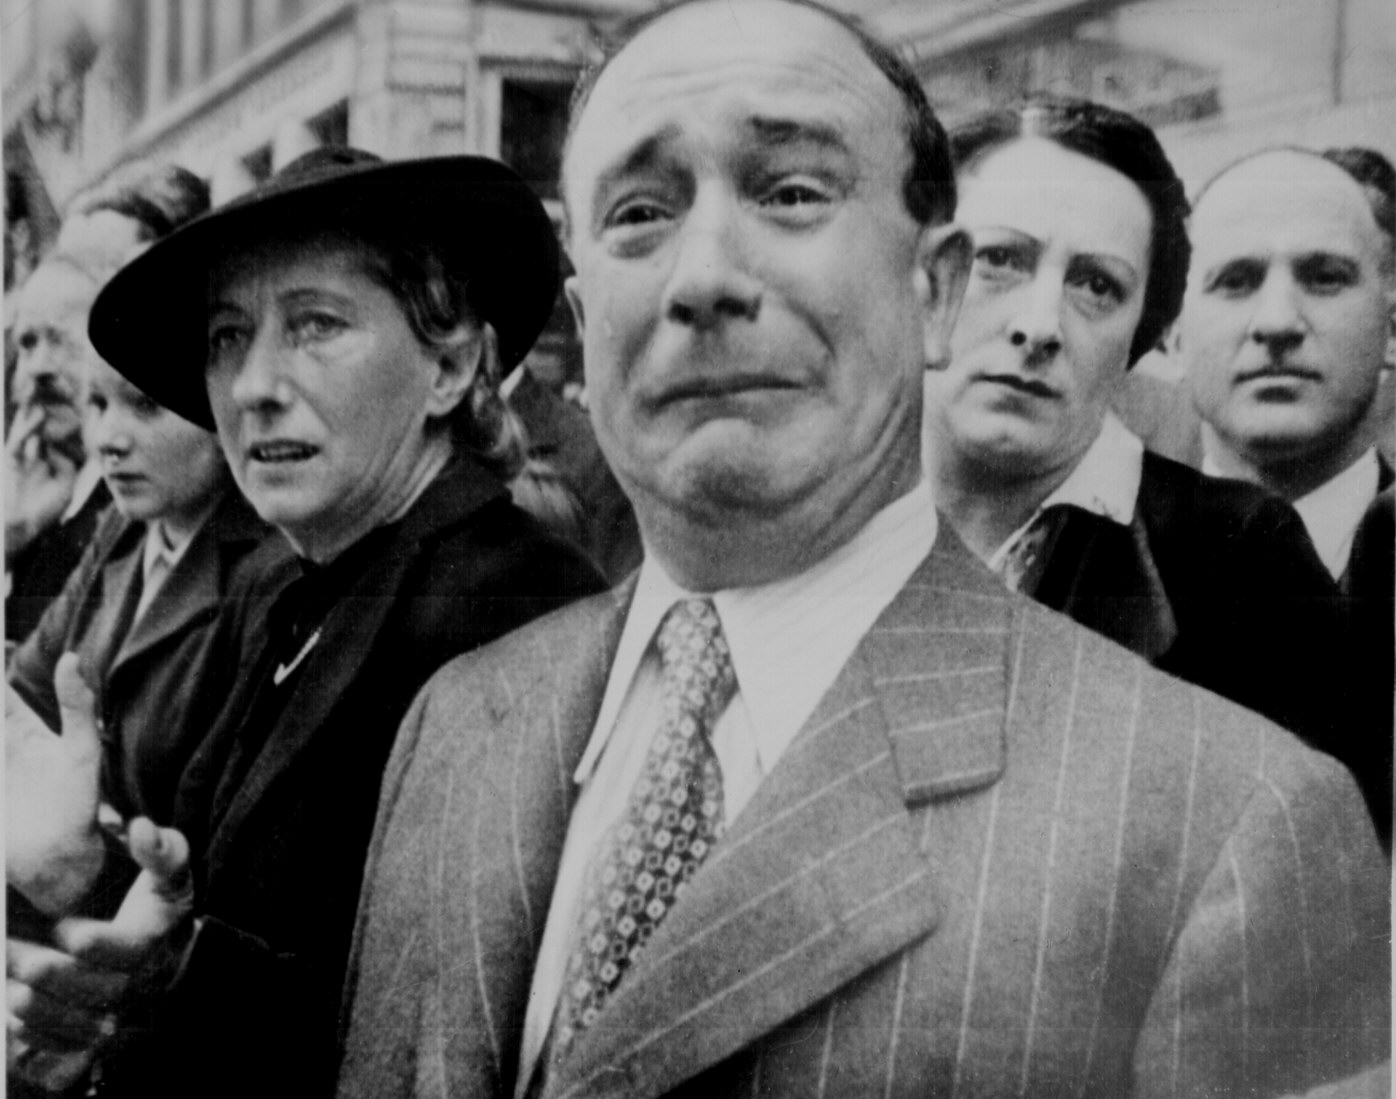 fotografia frances llorando africa ejercito II guerra mundial